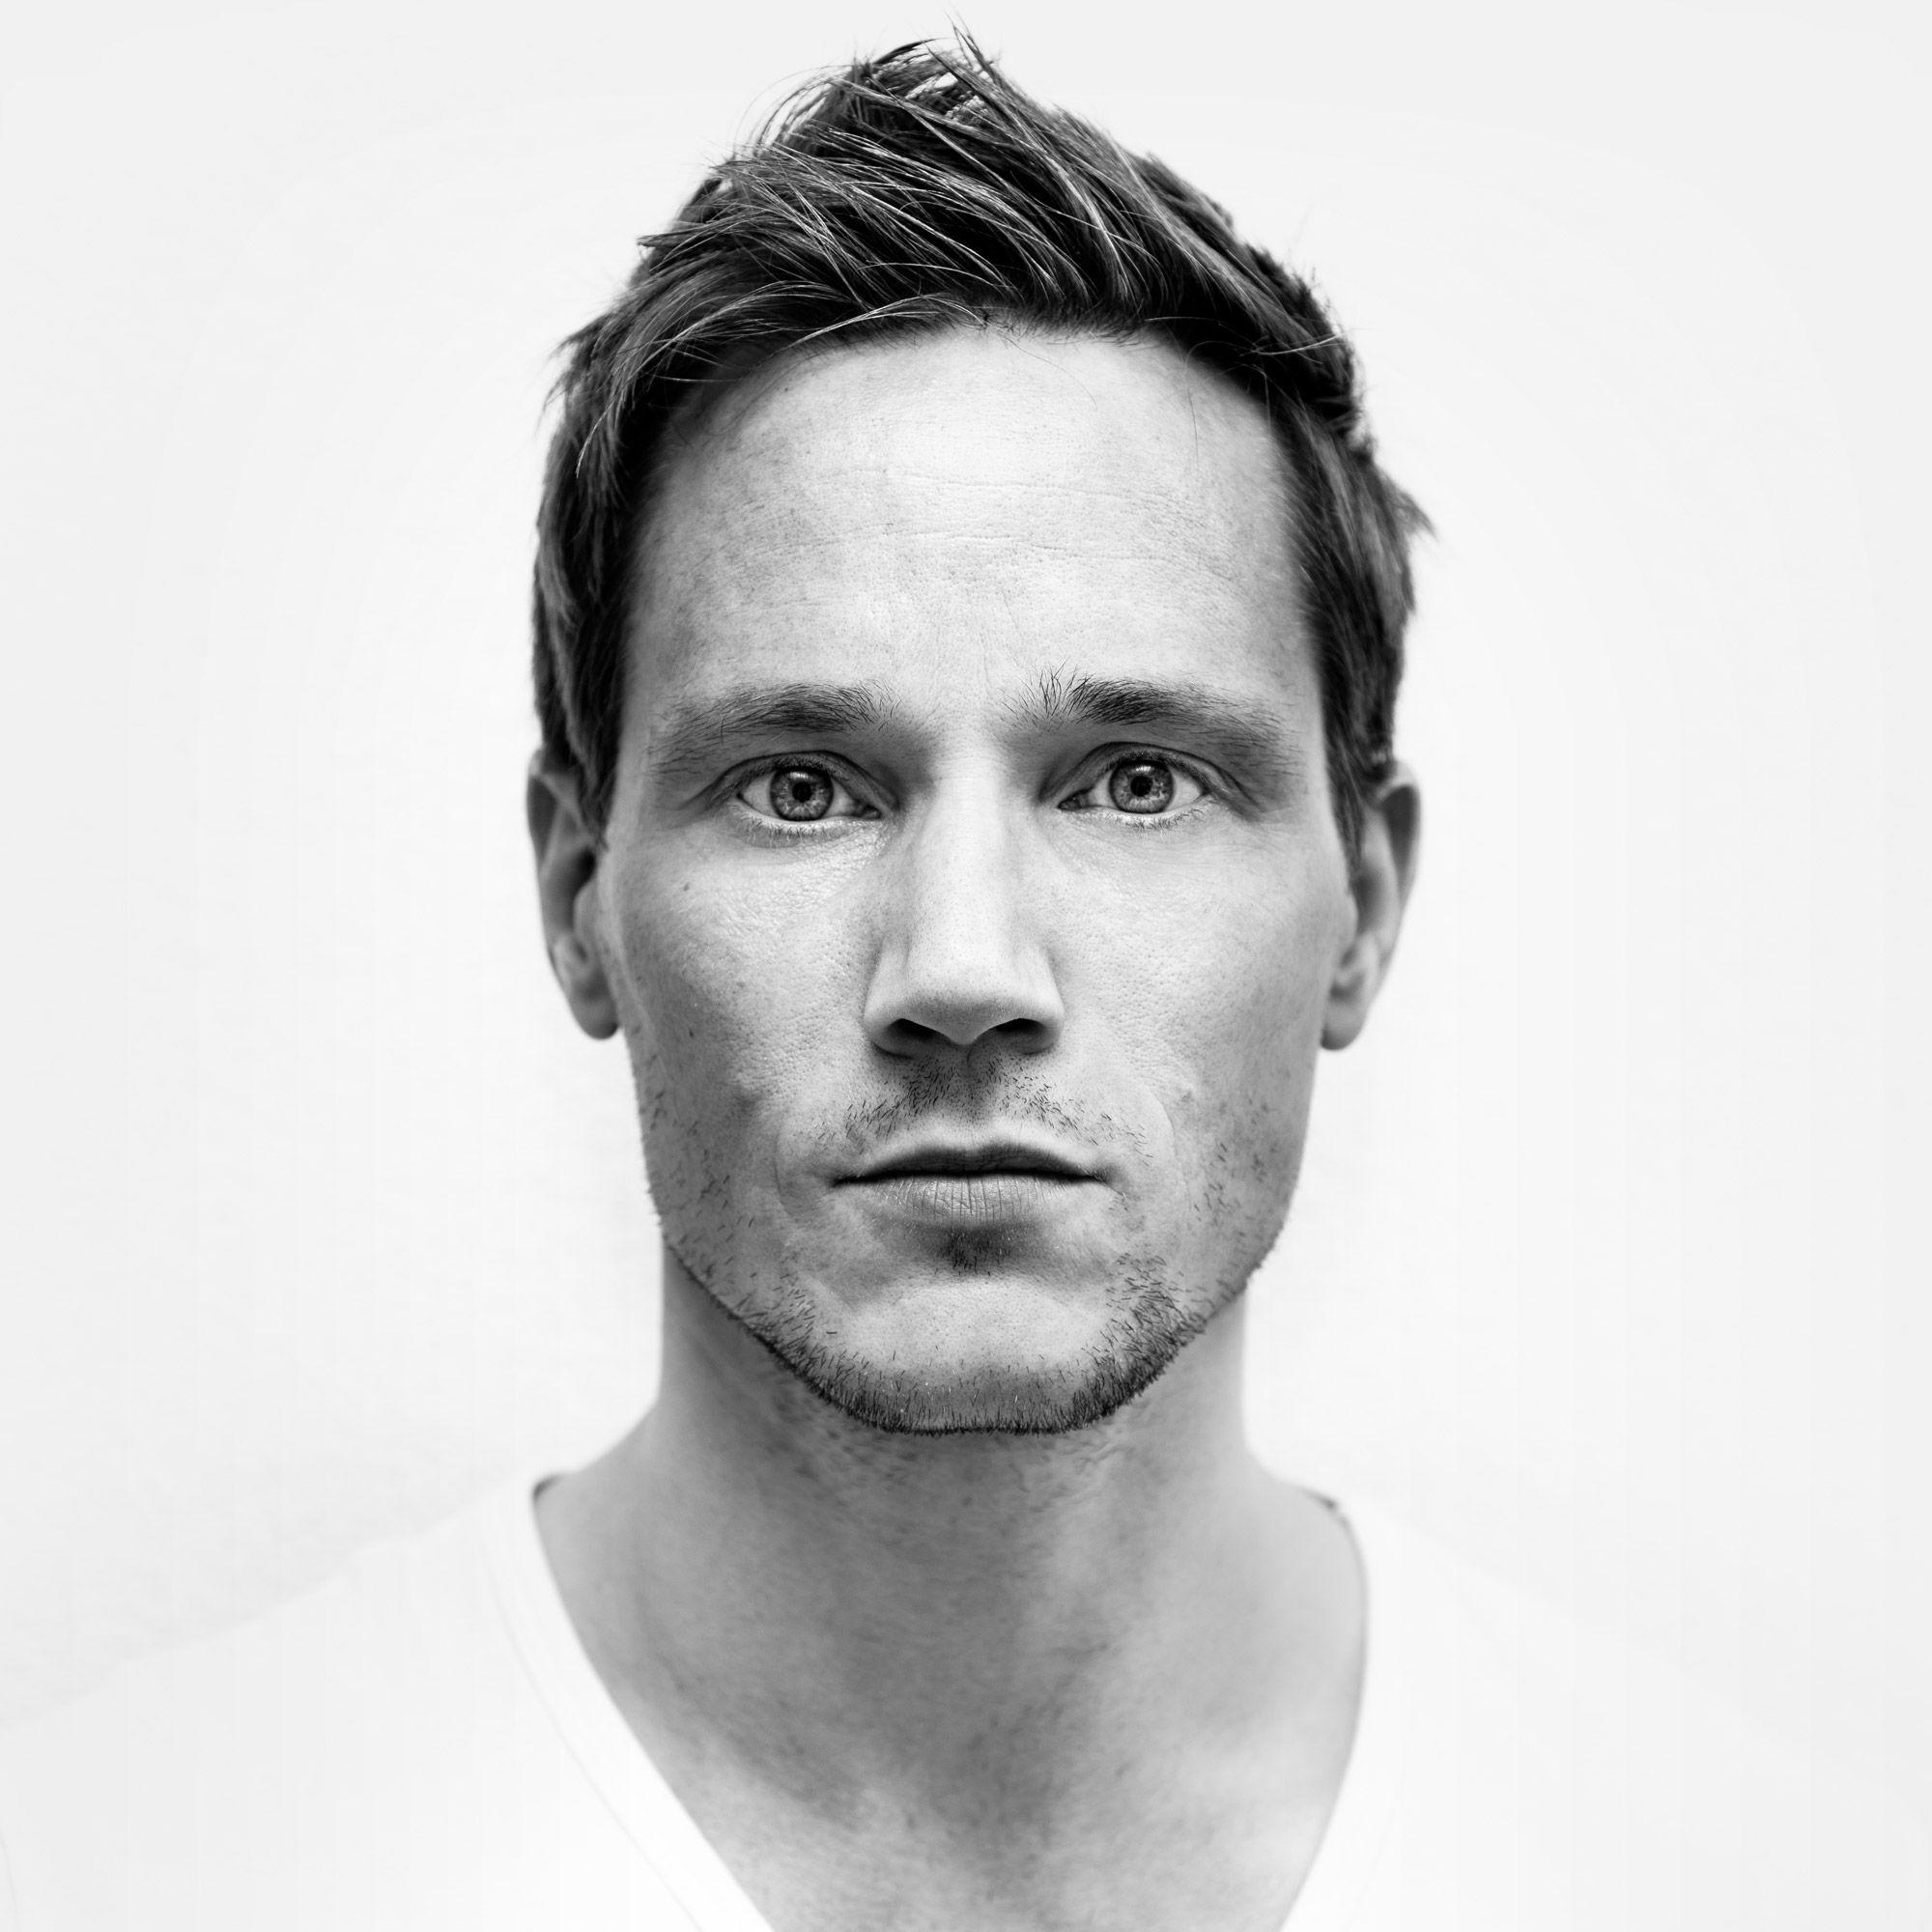 Male Fashion Portrait Photography